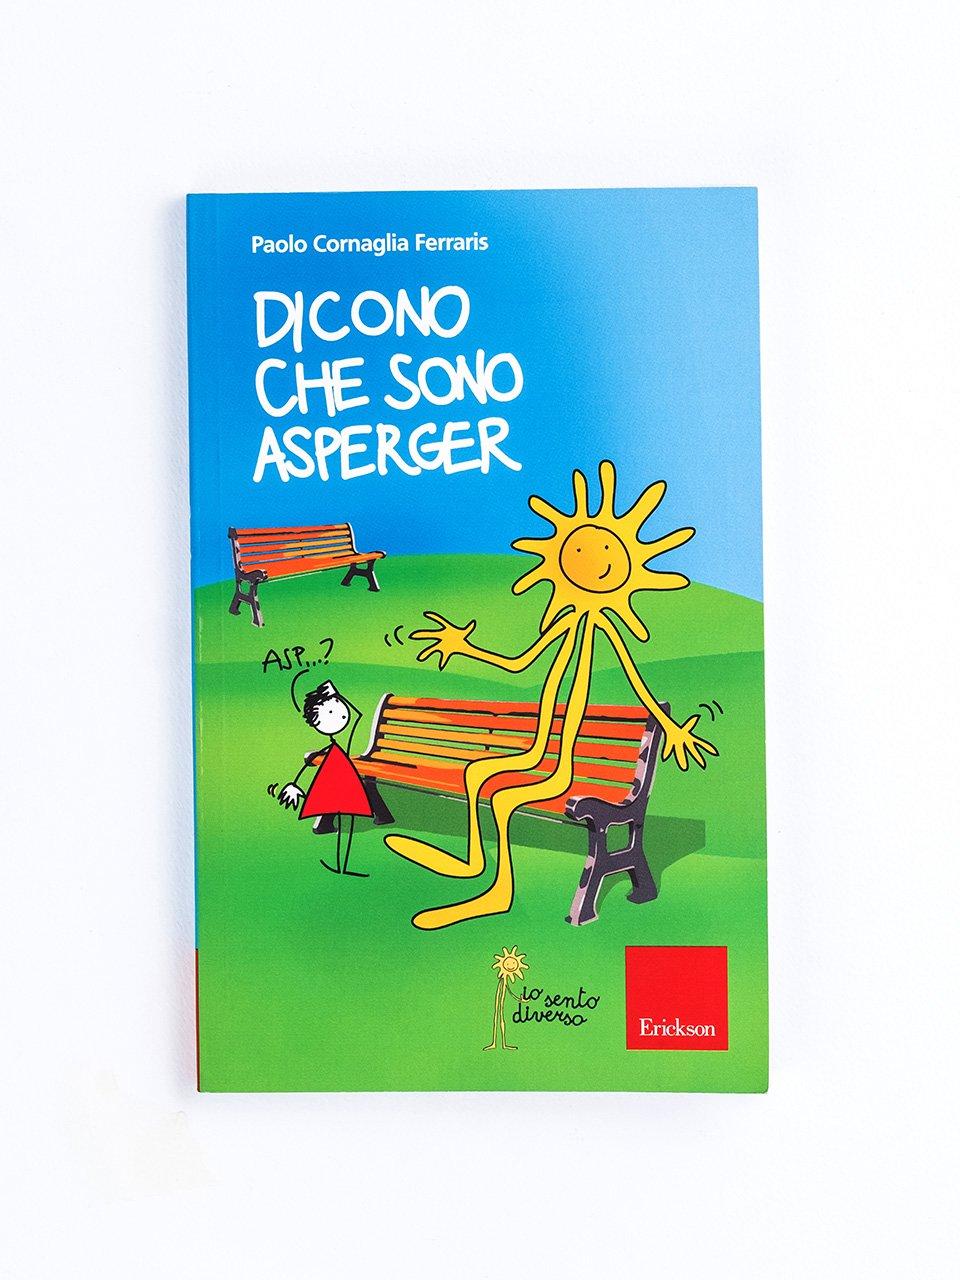 Dicono che sono Asperger - Vedere, pensare altre cose - Libri - Erickson